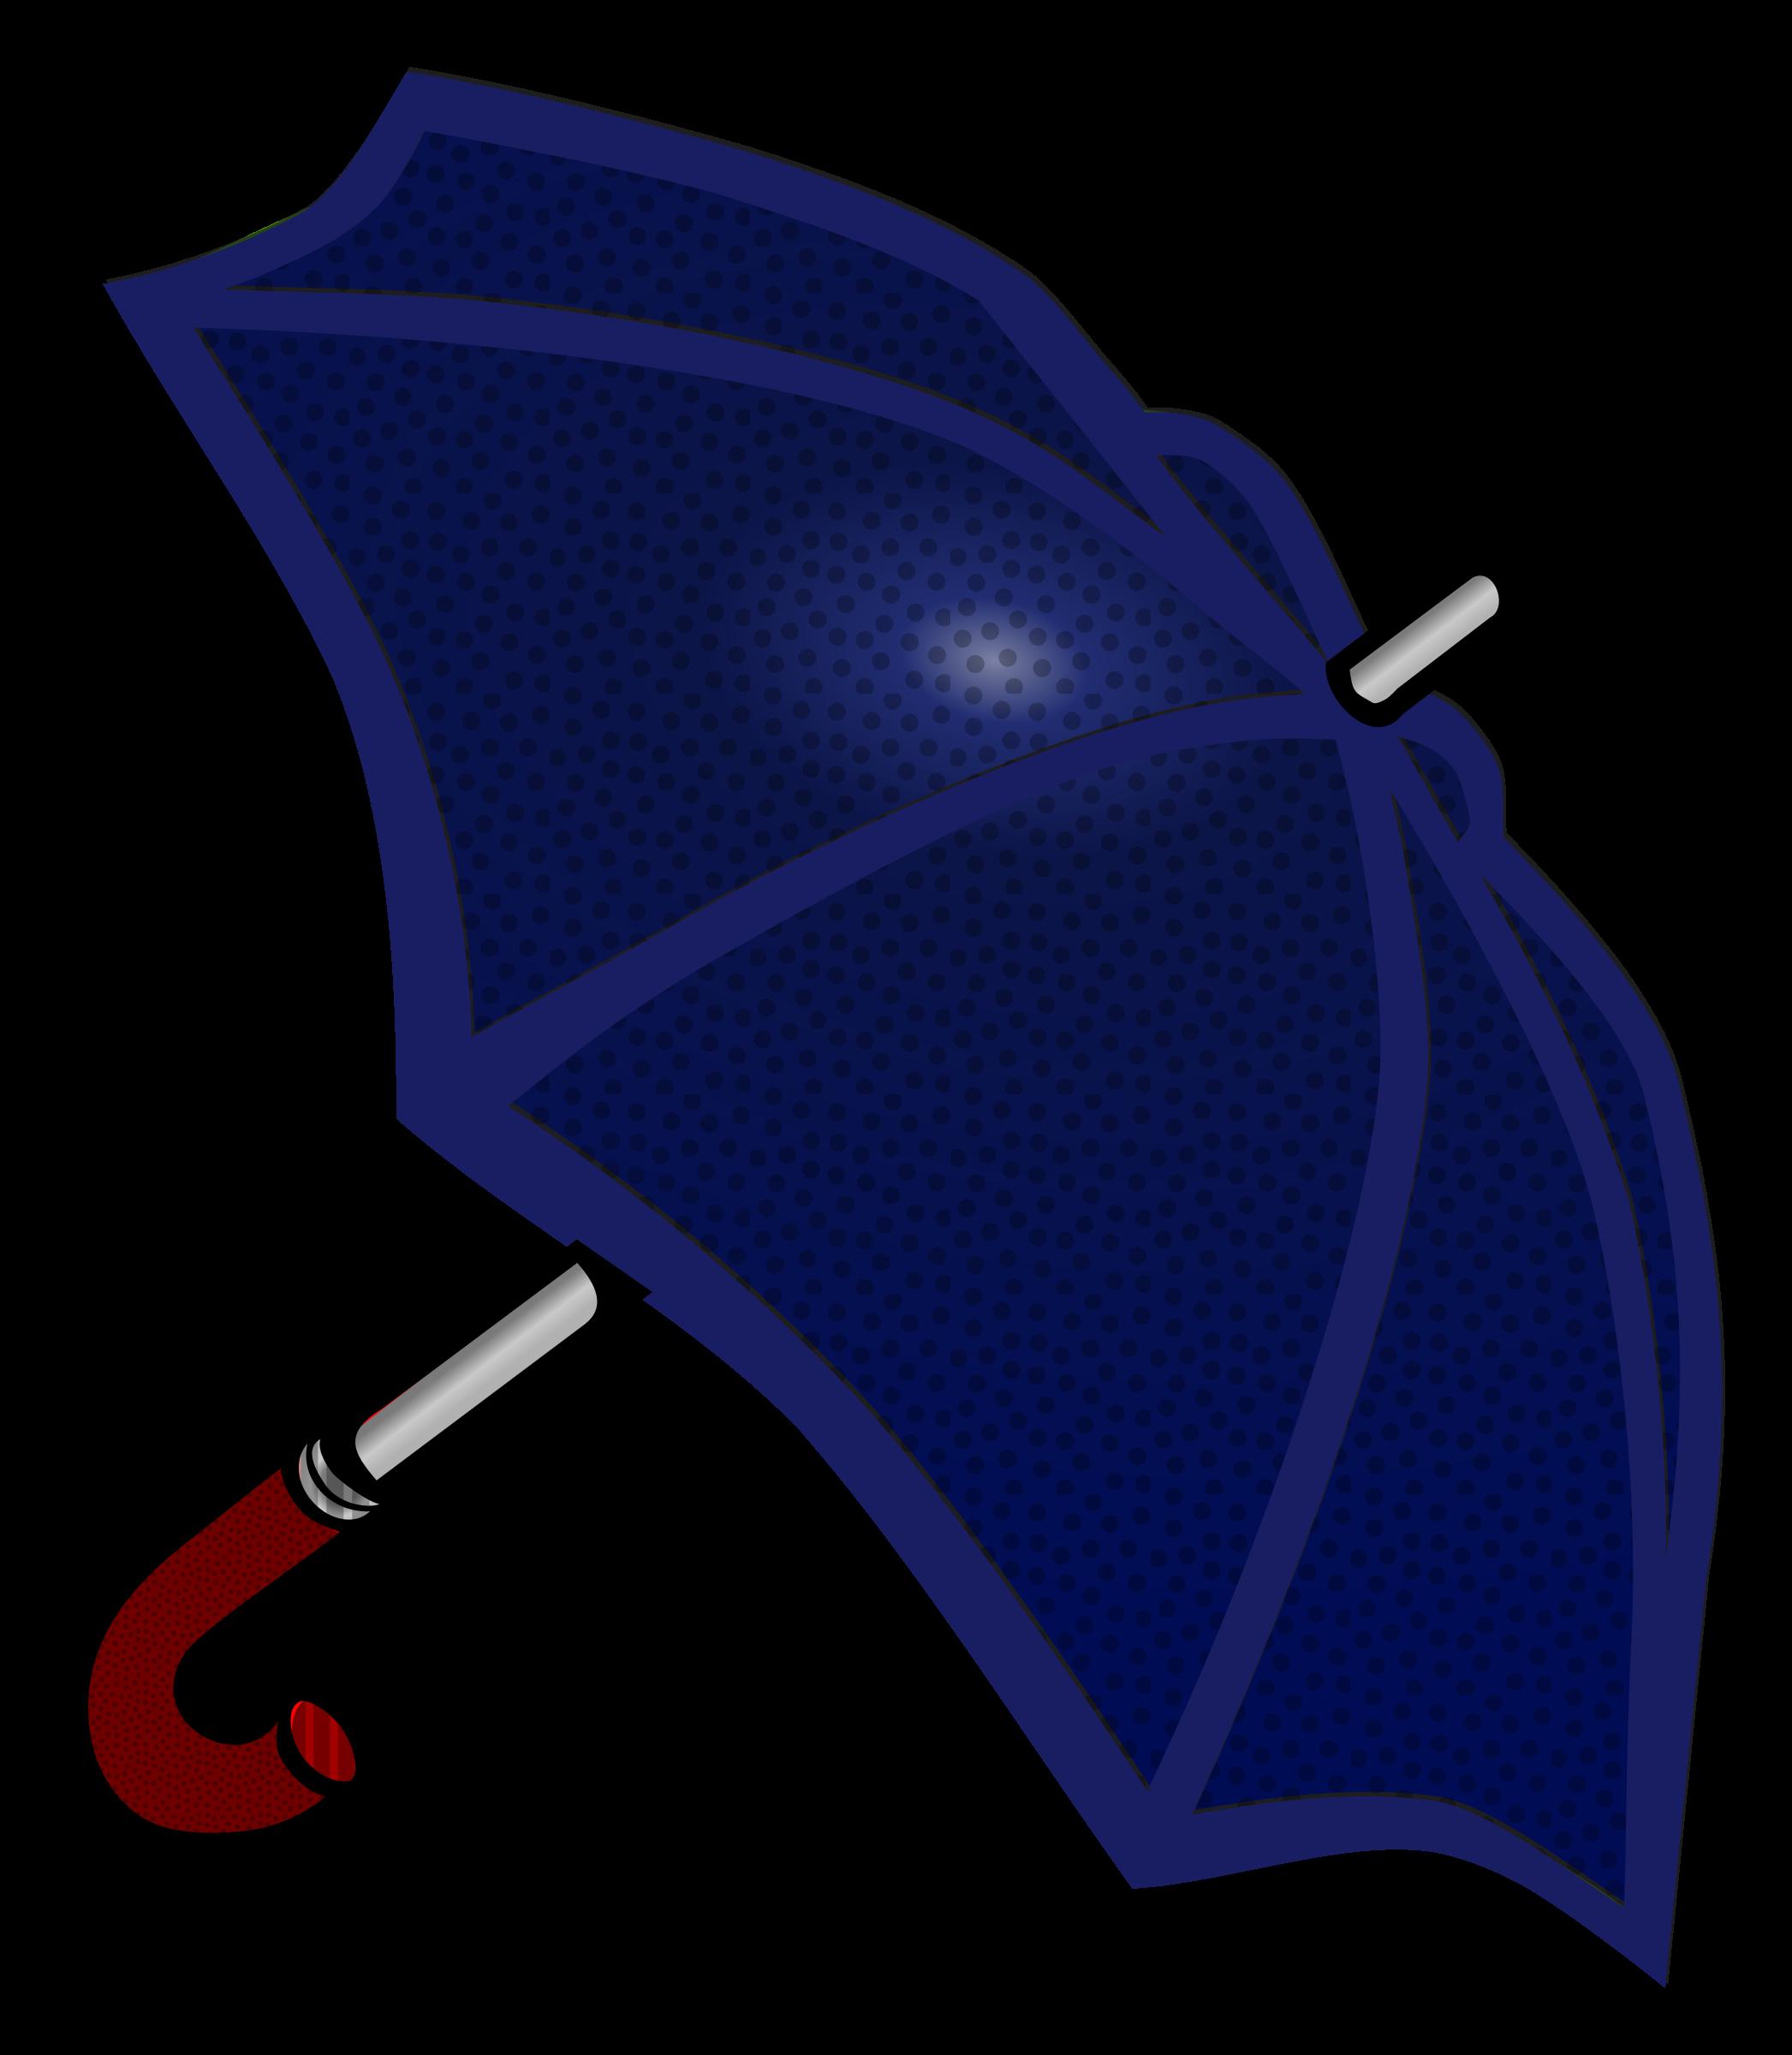 Clipart guitar dulha dulhan. Umbrella colourful graphics illustrations